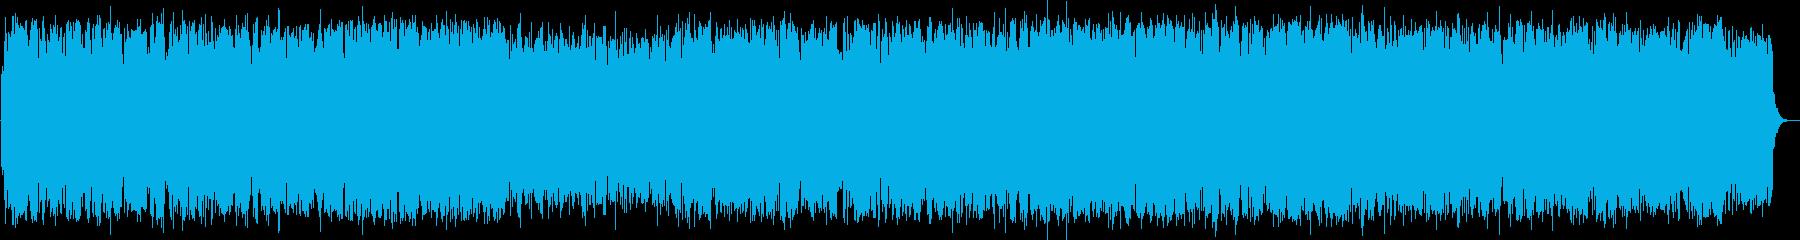 のどかな竹笛の音楽の再生済みの波形